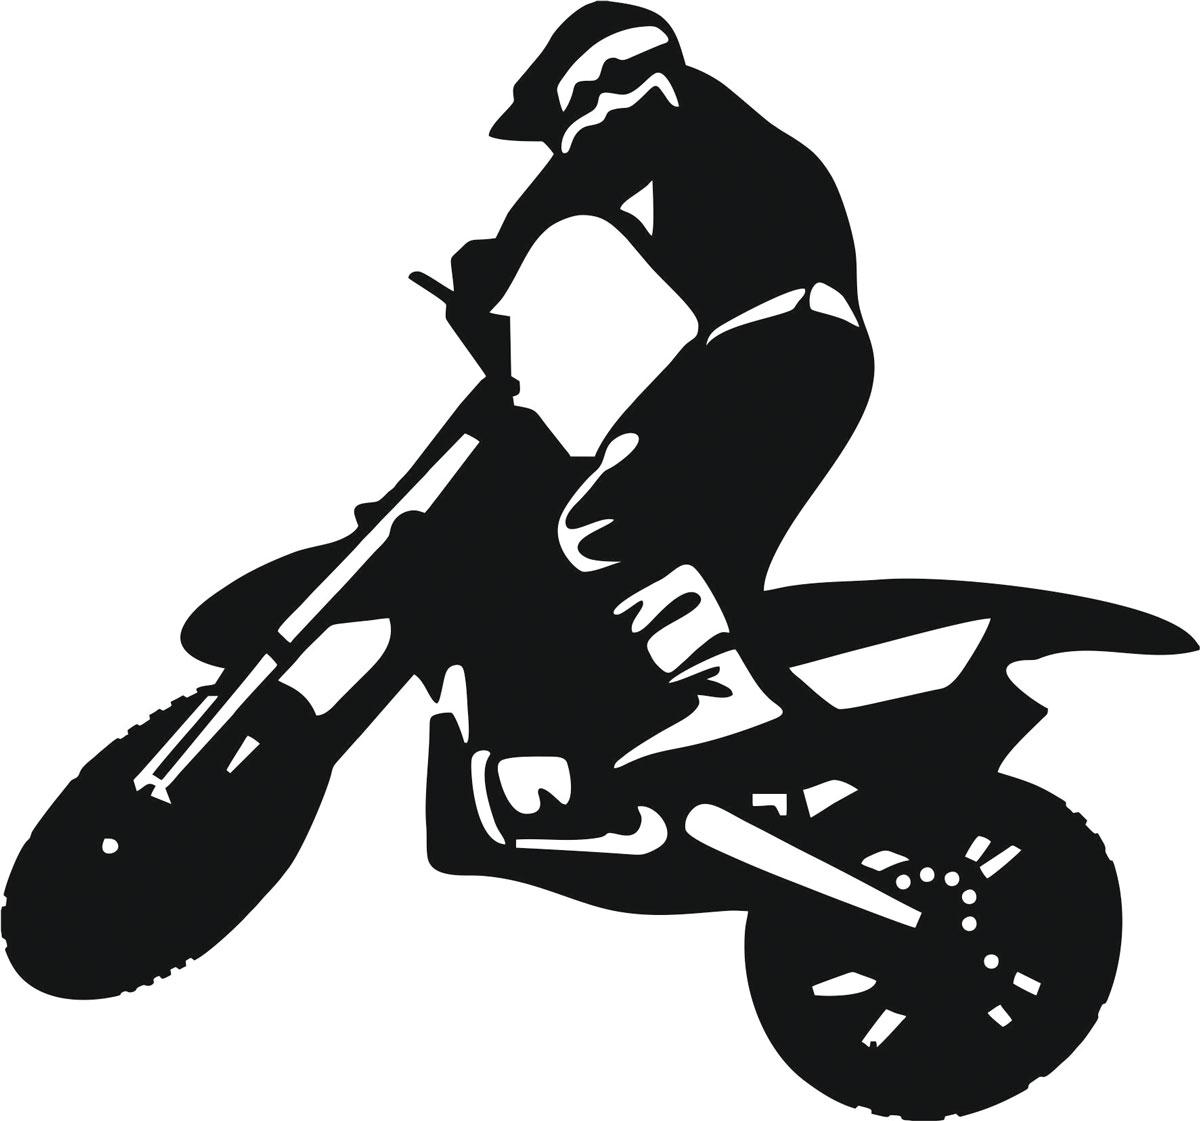 Наклейка автомобильная Оранжевый слоник Мотоциклист 5, виниловая, цвет: черный150MT0005BОригинальная наклейка Оранжевый слоник Мотоциклист 5 изготовлена из высококачественной виниловой пленки, которая выполняет не только декоративную функцию, но и защищает кузов автомобиля от небольших механических повреждений, либо скрывает уже существующие. Виниловые наклейки на автомобиль - это не только красиво, но еще и быстро! Всего за несколько минут вы можете полностью преобразить свой автомобиль, сделать его ярким, необычным, особенным и неповторимым!